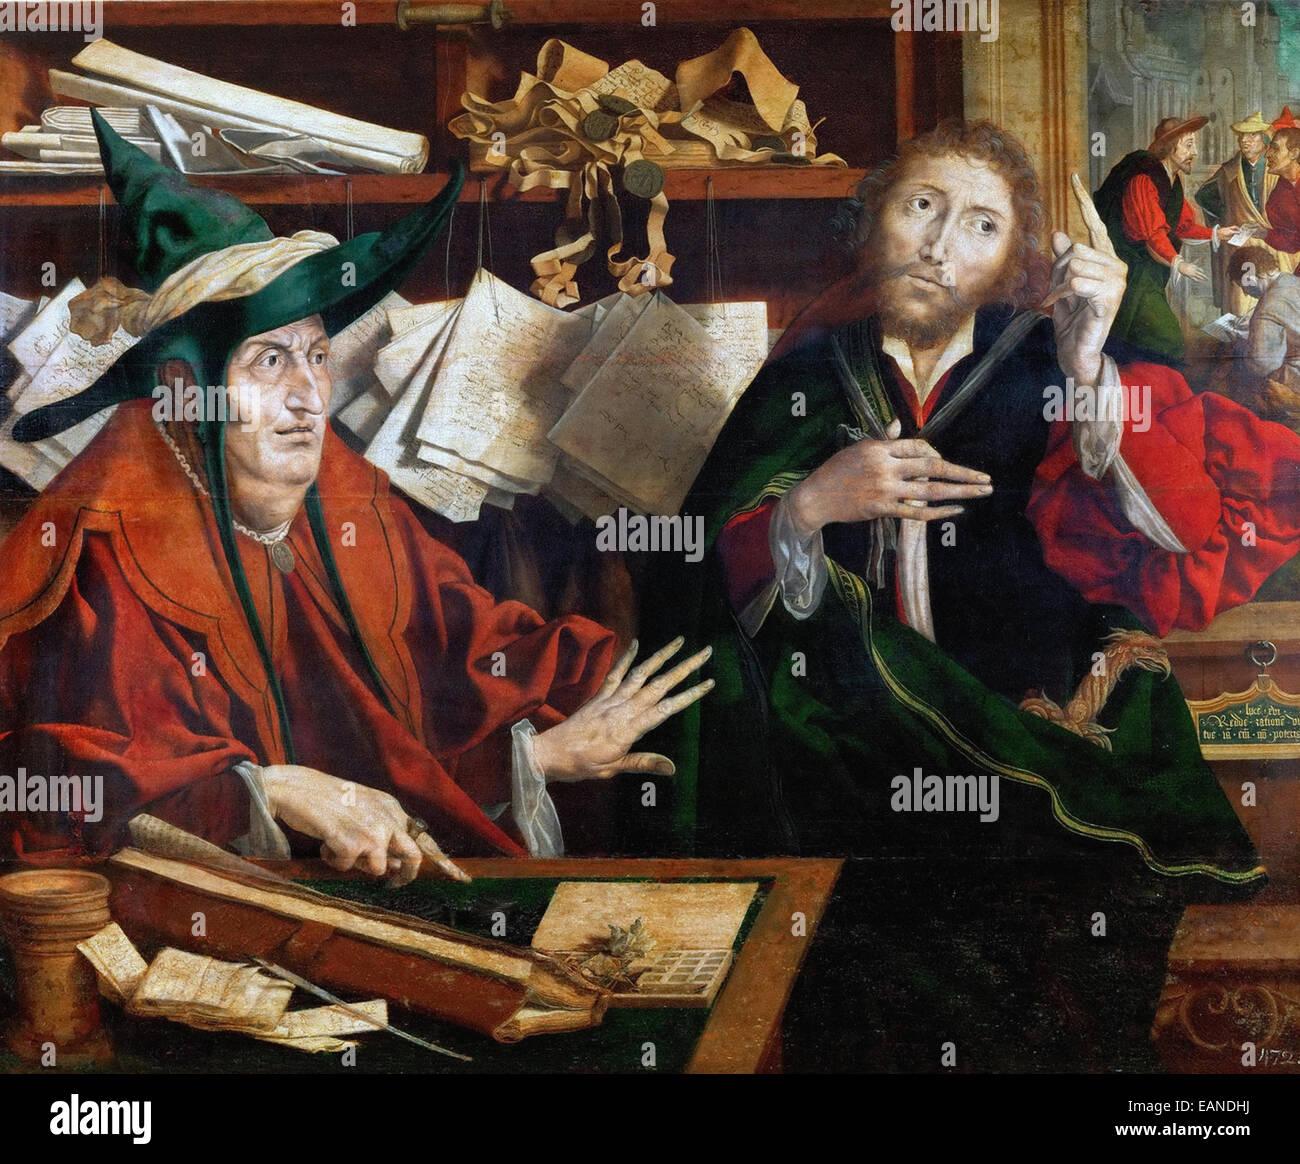 Marinus van Reymerswaele  The Parable of the Unfaithful Steward - Stock Image